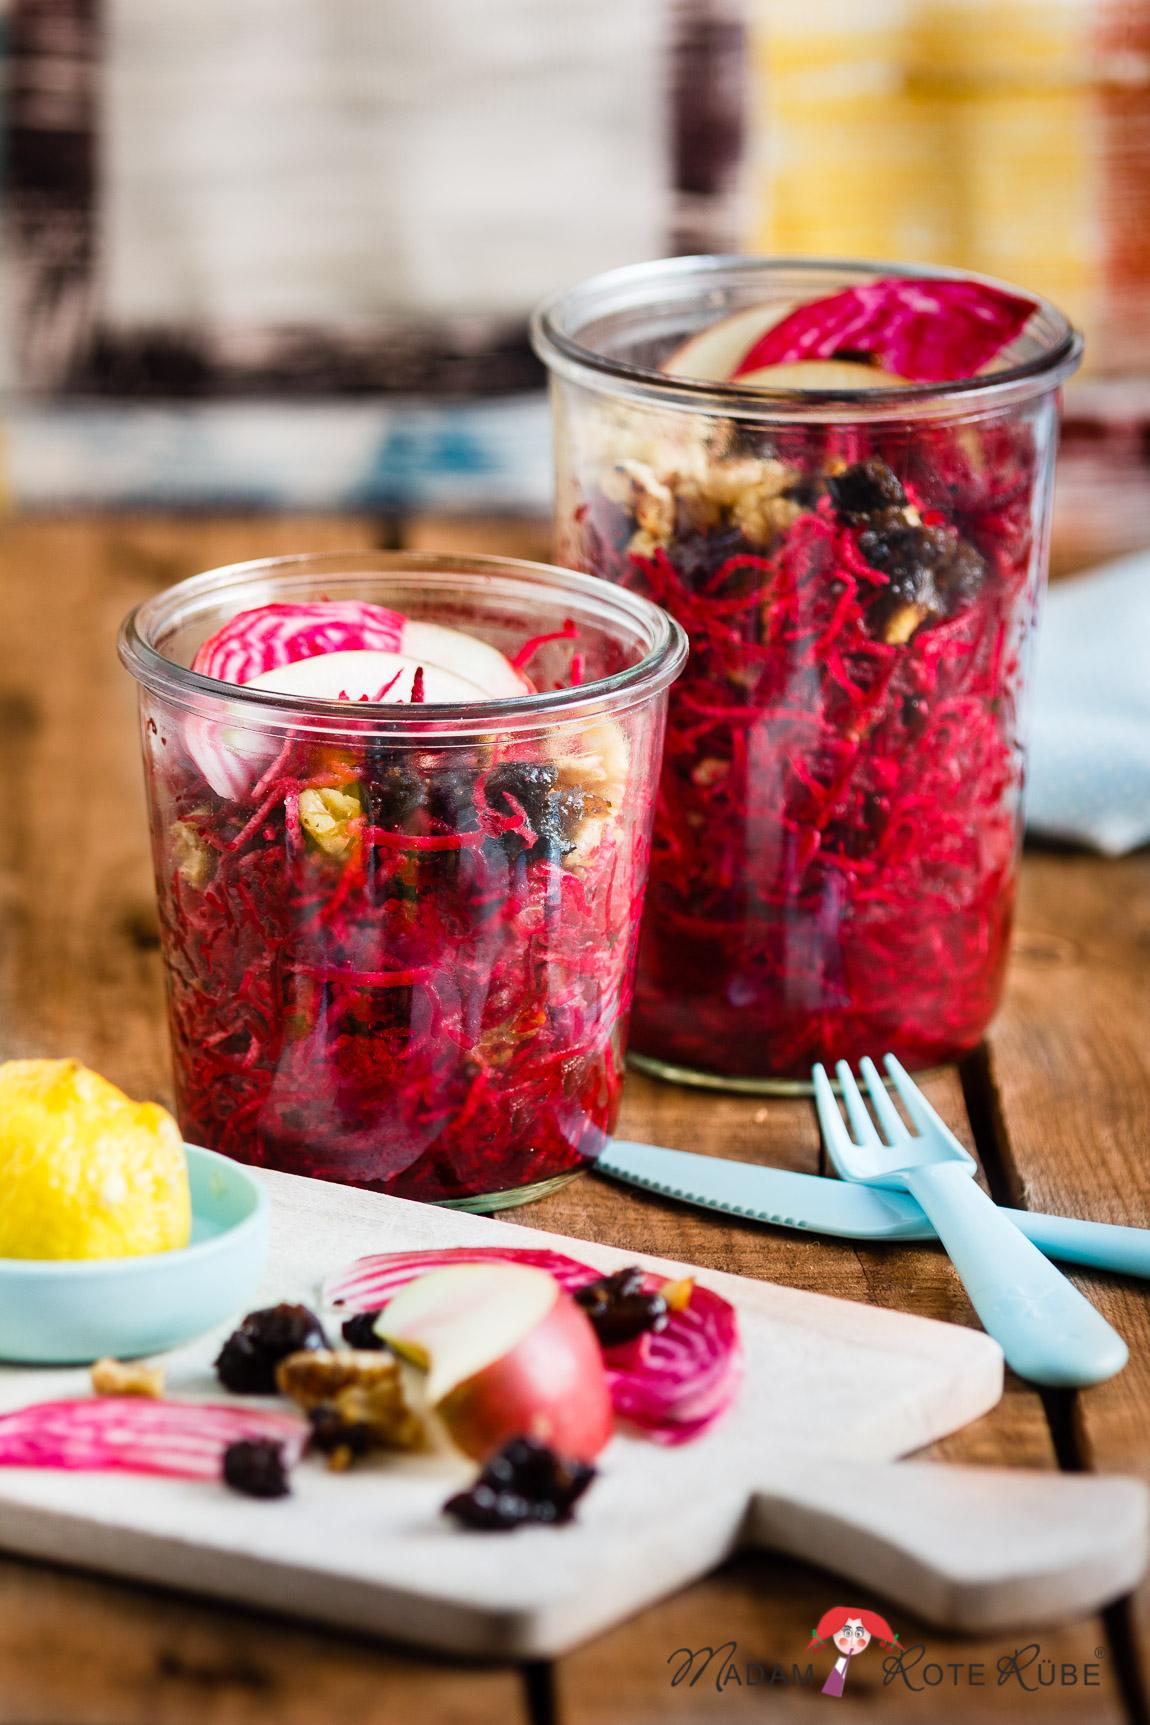 Madam Rote Rübe - Rohkostsalat: Rote Bete-Salat mit Pflaumen und Walnüssen